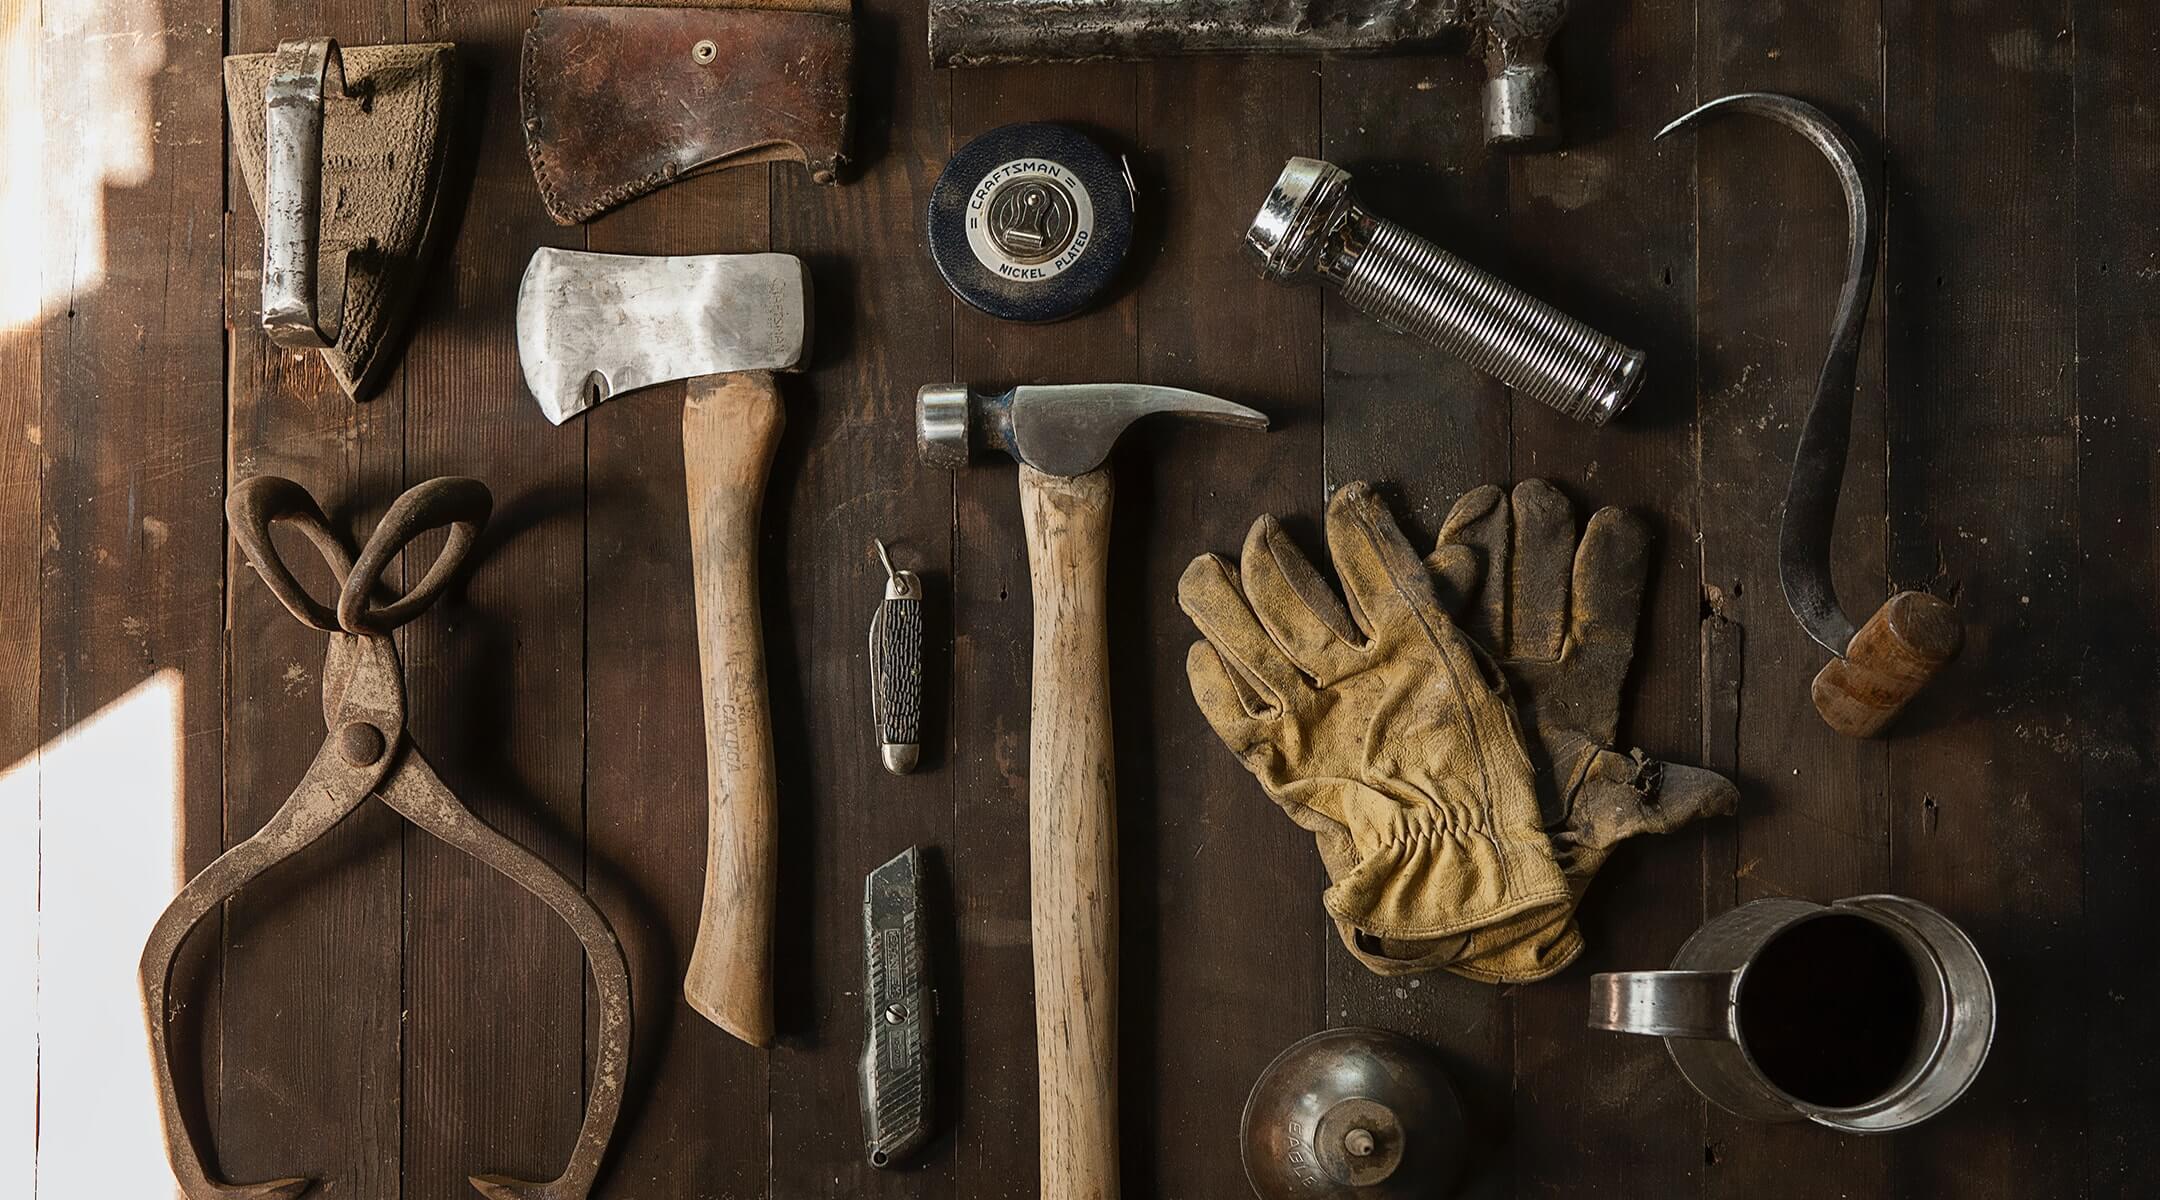 工具などが並んだつくるイメージ画像